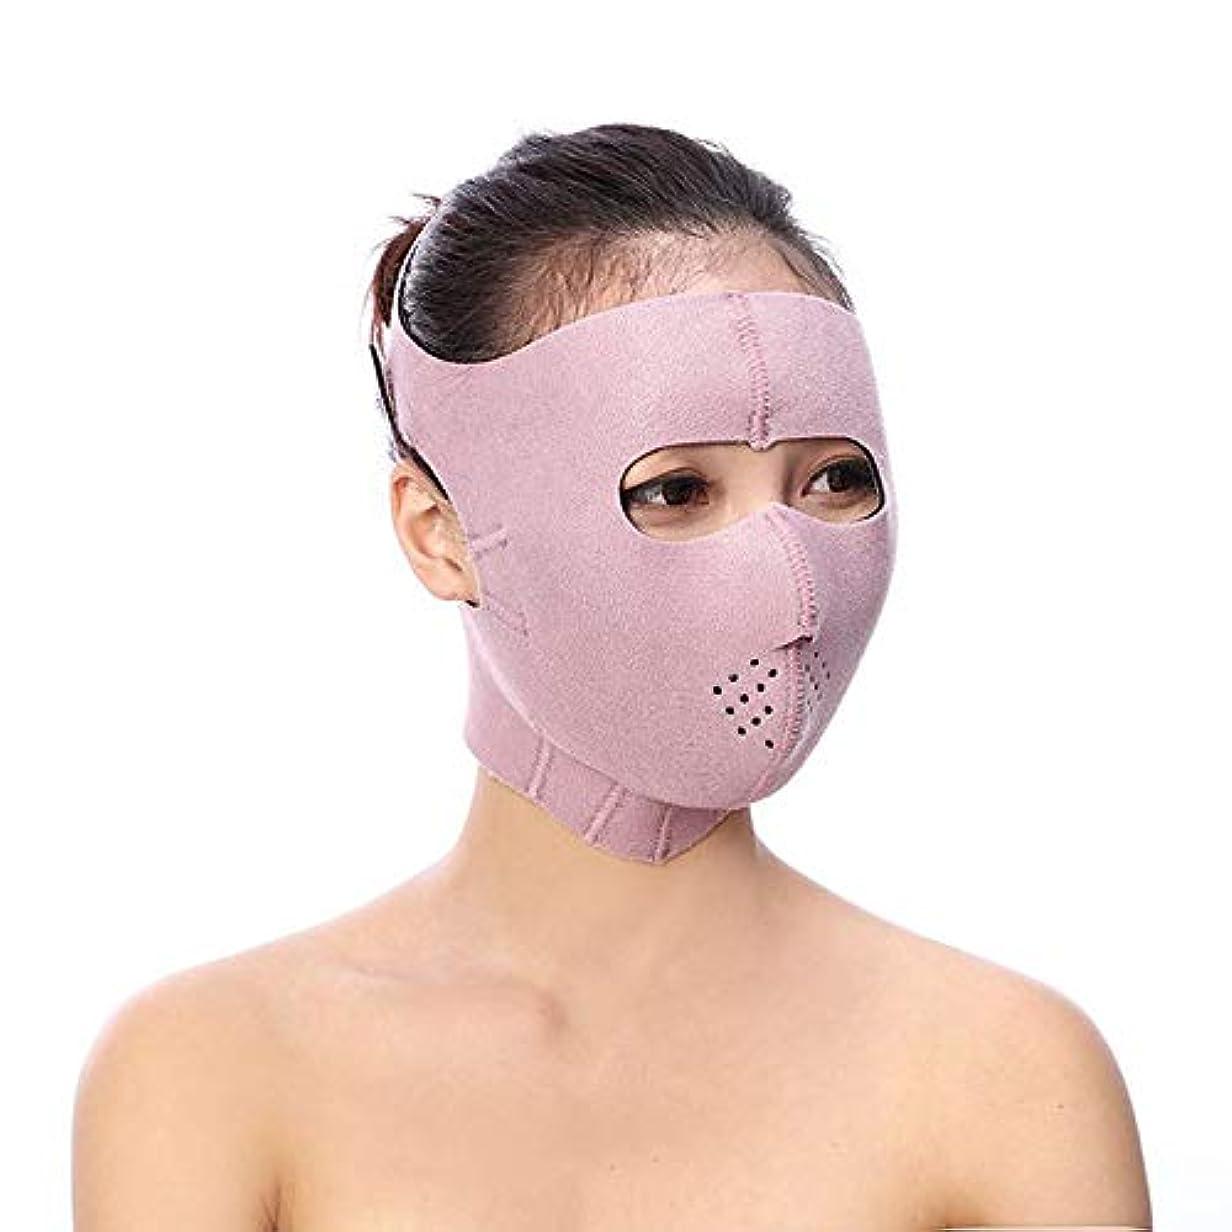 純粋に有用早熟BS フェイシャルリフティング痩身ベルト - Vフェイス包帯マスクフェイシャルマッサージャー無料の薄いフェイス包帯整形マスクを引き締める顔と首の顔スリム フェイスリフティングアーティファクト